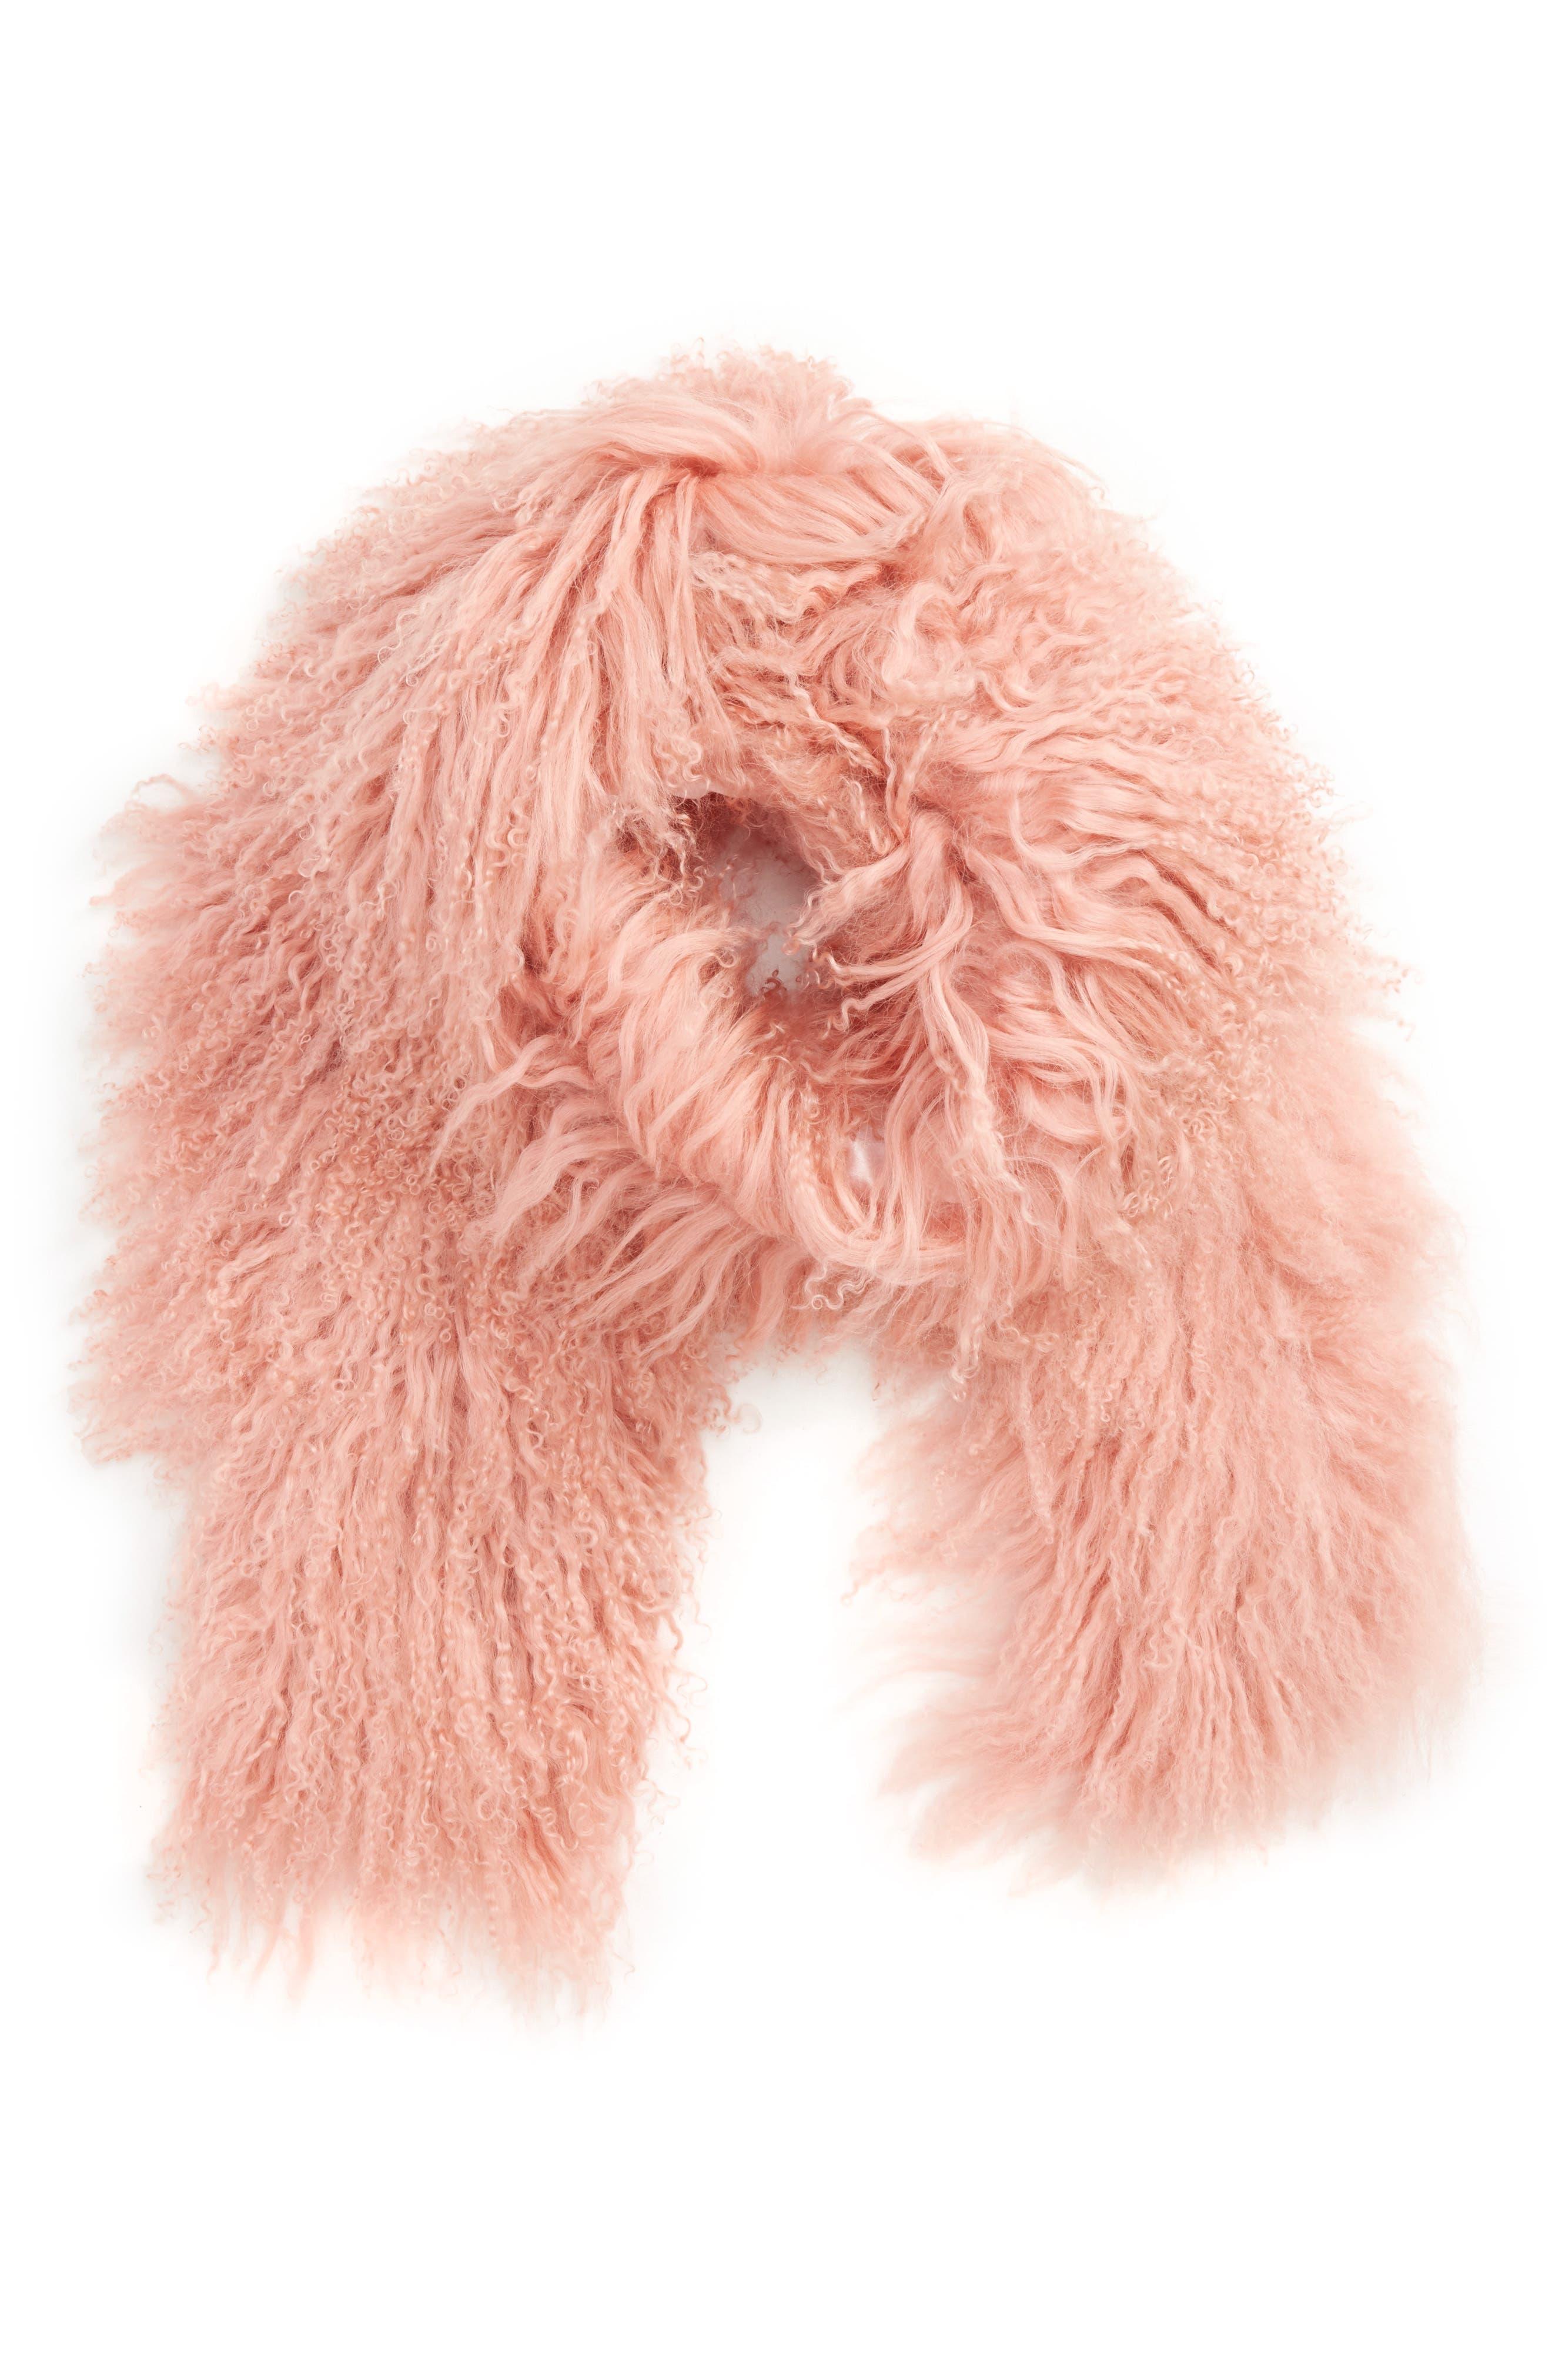 Main Image - Toria Rose Genuine Mongolian Lamb Fur Scarf